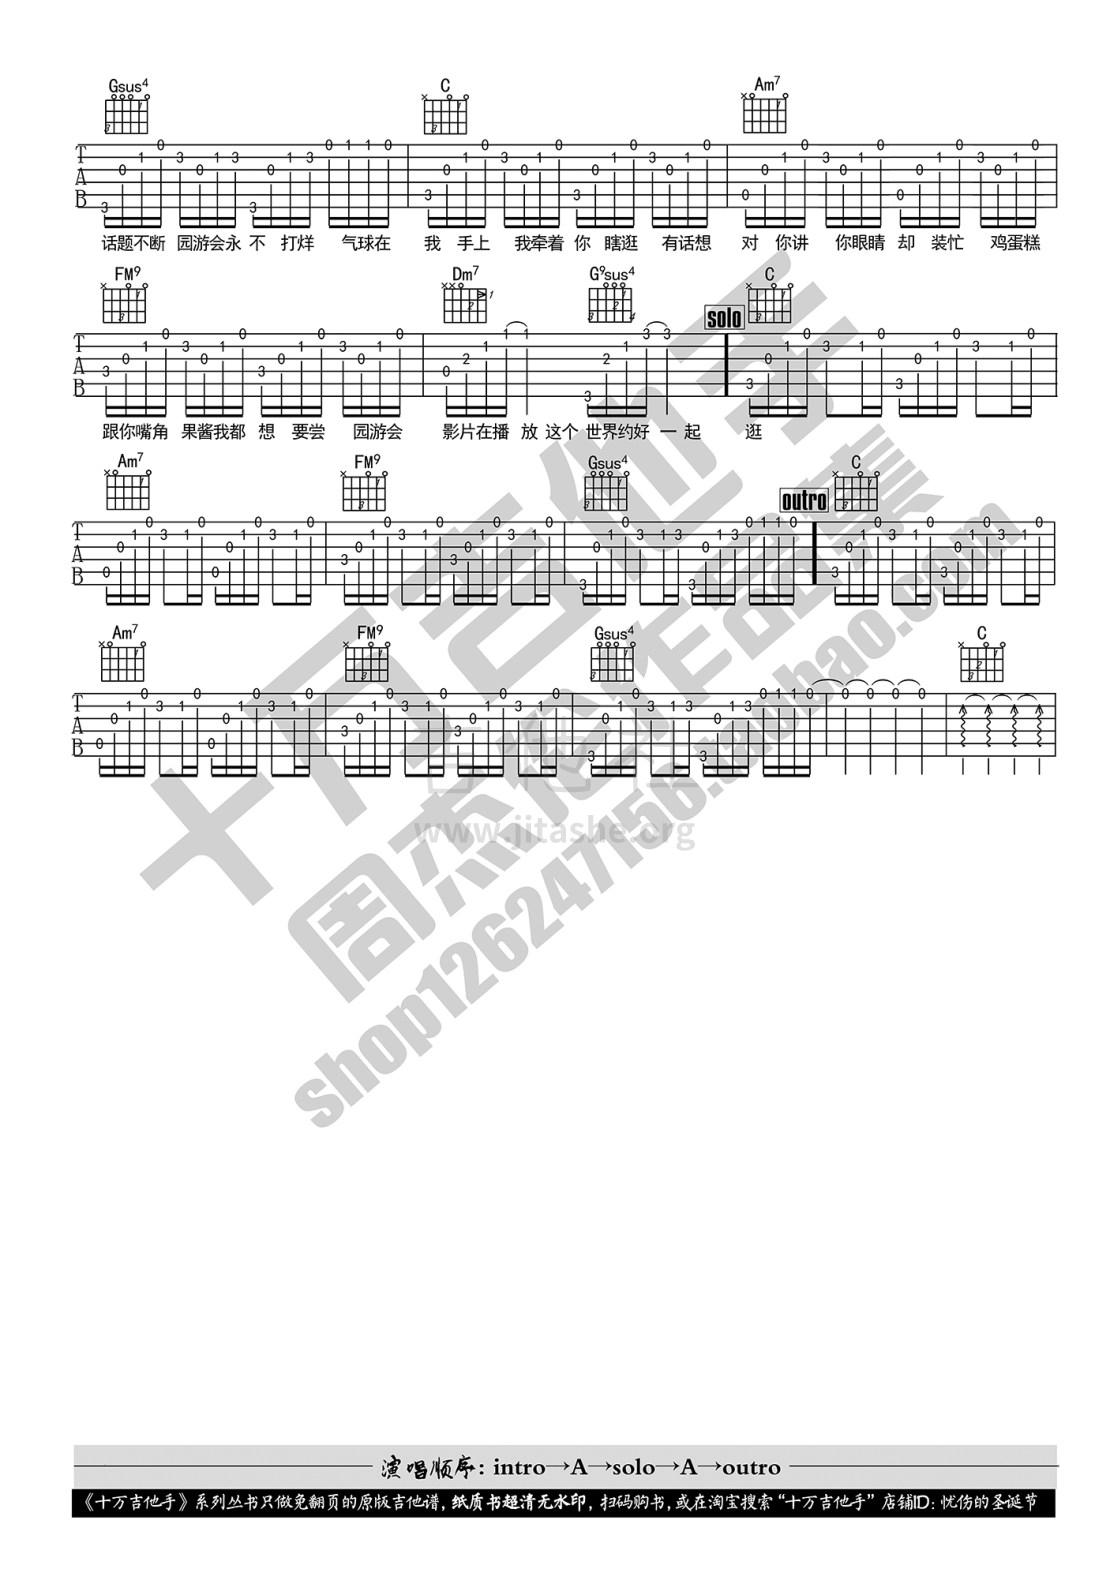 园游会(原版编配 十万吉他手)吉他谱(图片谱,弹唱,C调)_周杰伦(Jay Chou)_周杰伦 园游会 吉他谱2.jpg